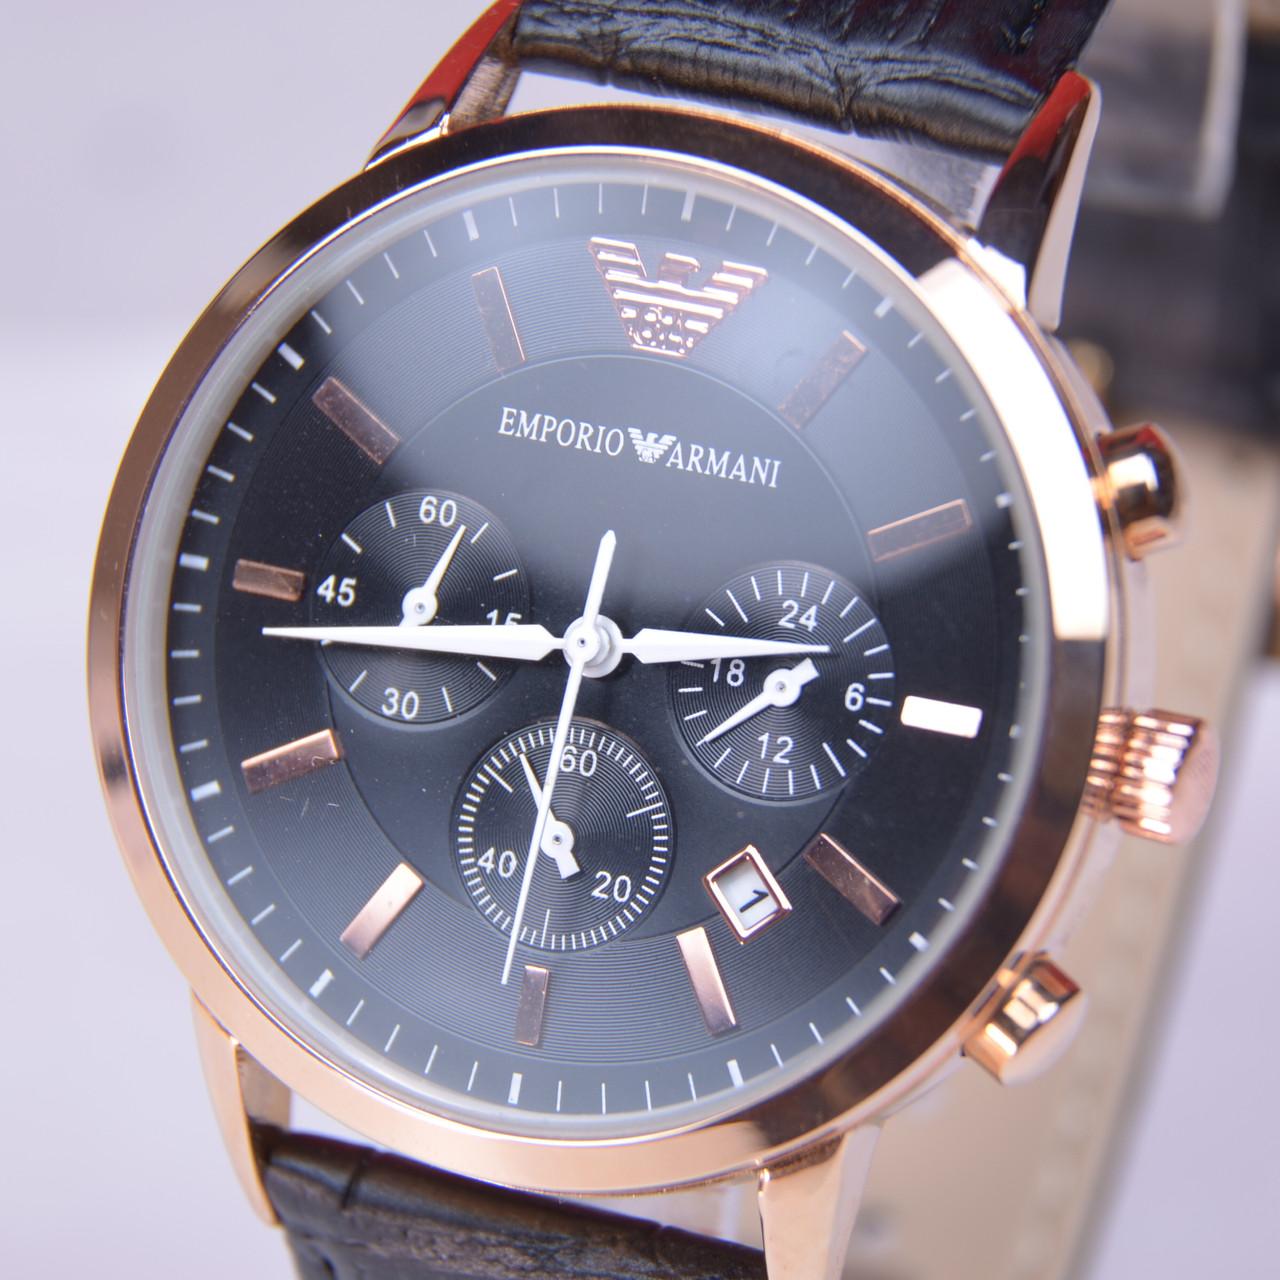 Мужские наручные часы  Emporio Armani AR-249G Gold с хронографом (копия), фото 1